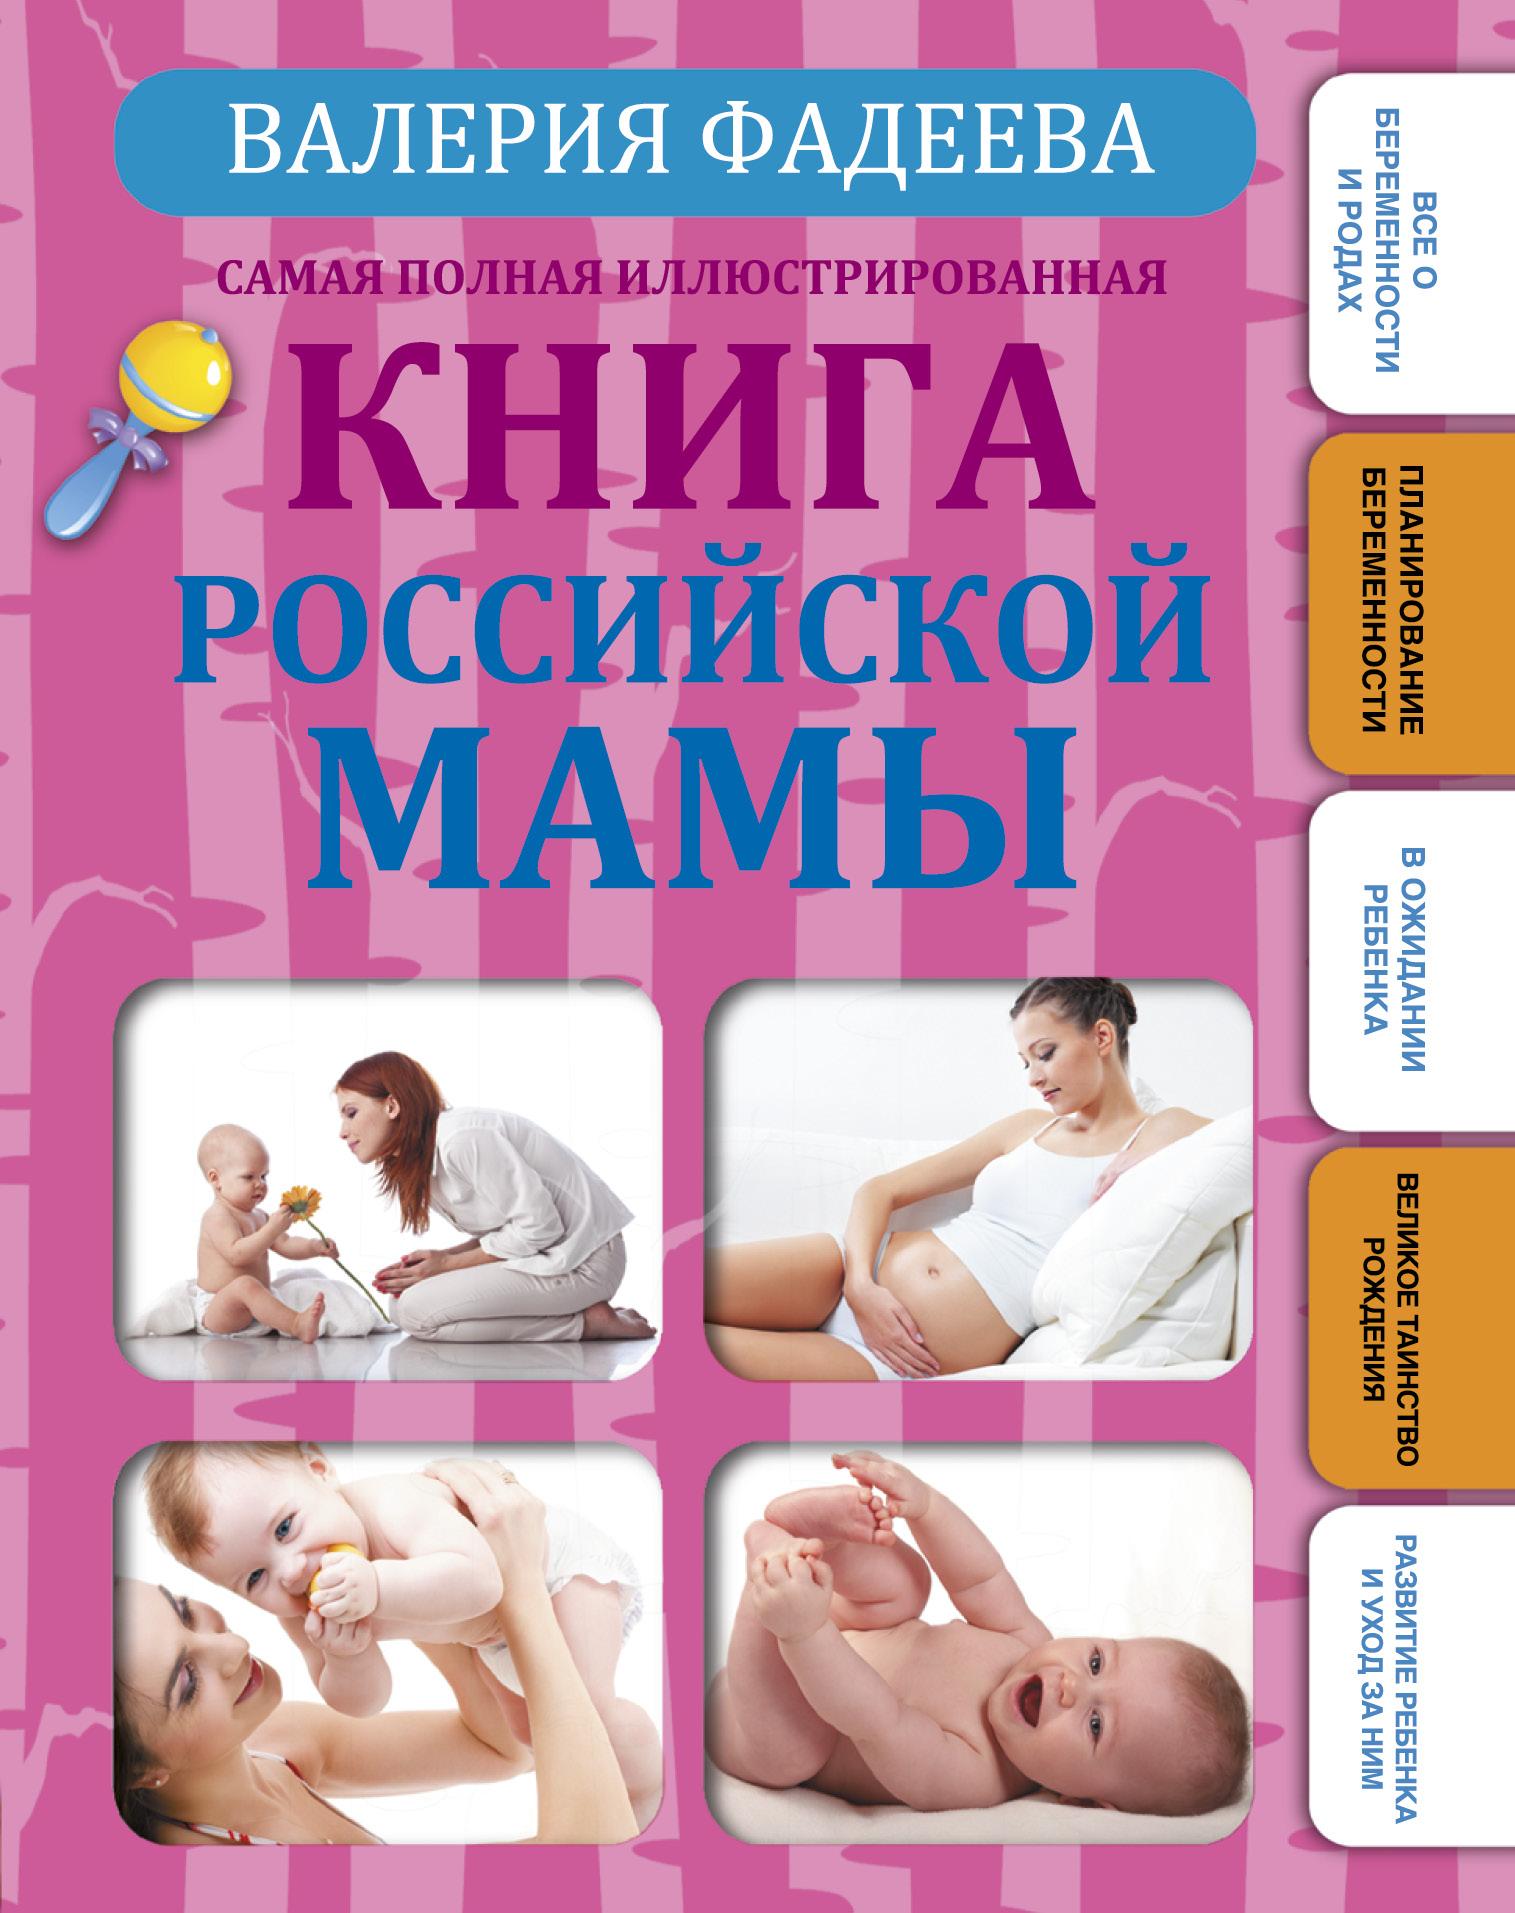 Фадеева В.В. Самая полная иллюстрированная книга российской мамы 200 здоровых навыков которые помогут вам правильно питаться и хорошо себя чувствовать